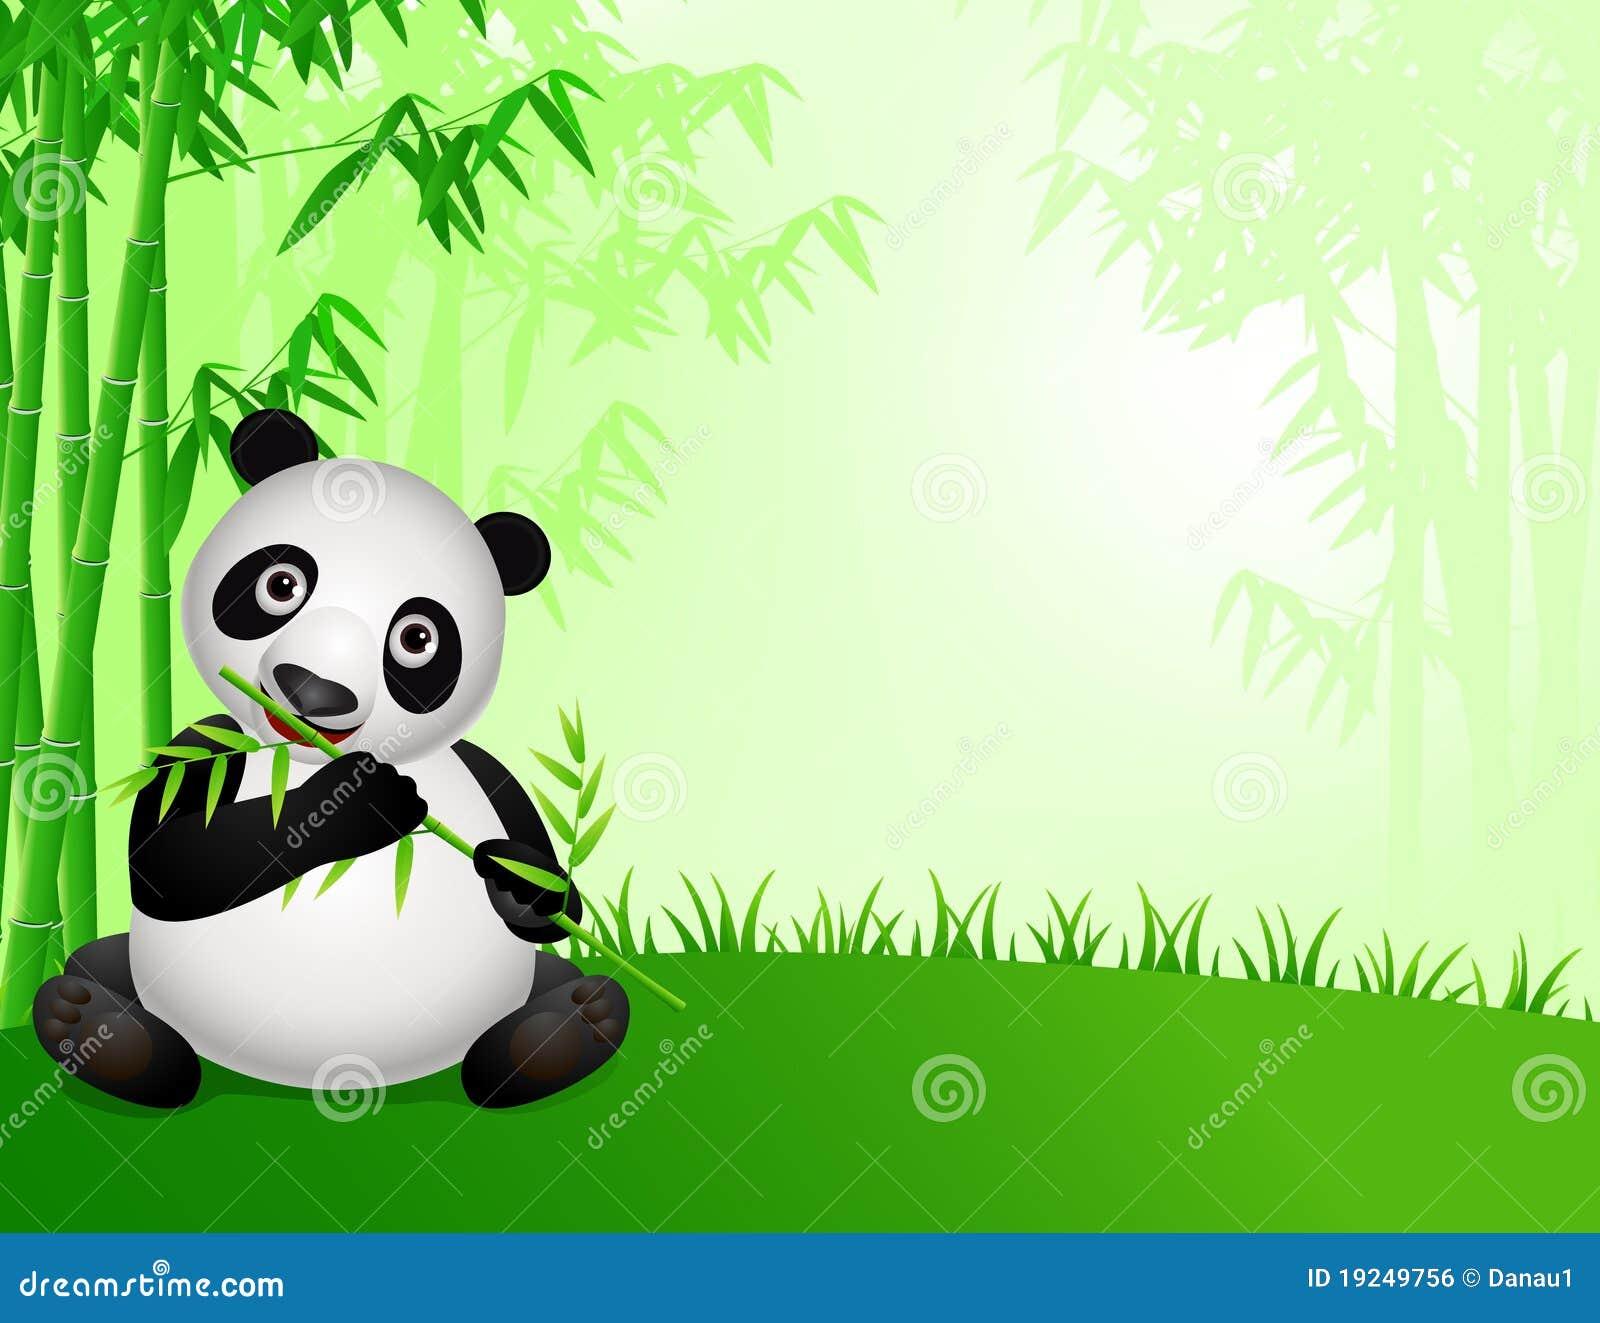 Cute Panda Wallpapers Desktop  WallpaperSafari